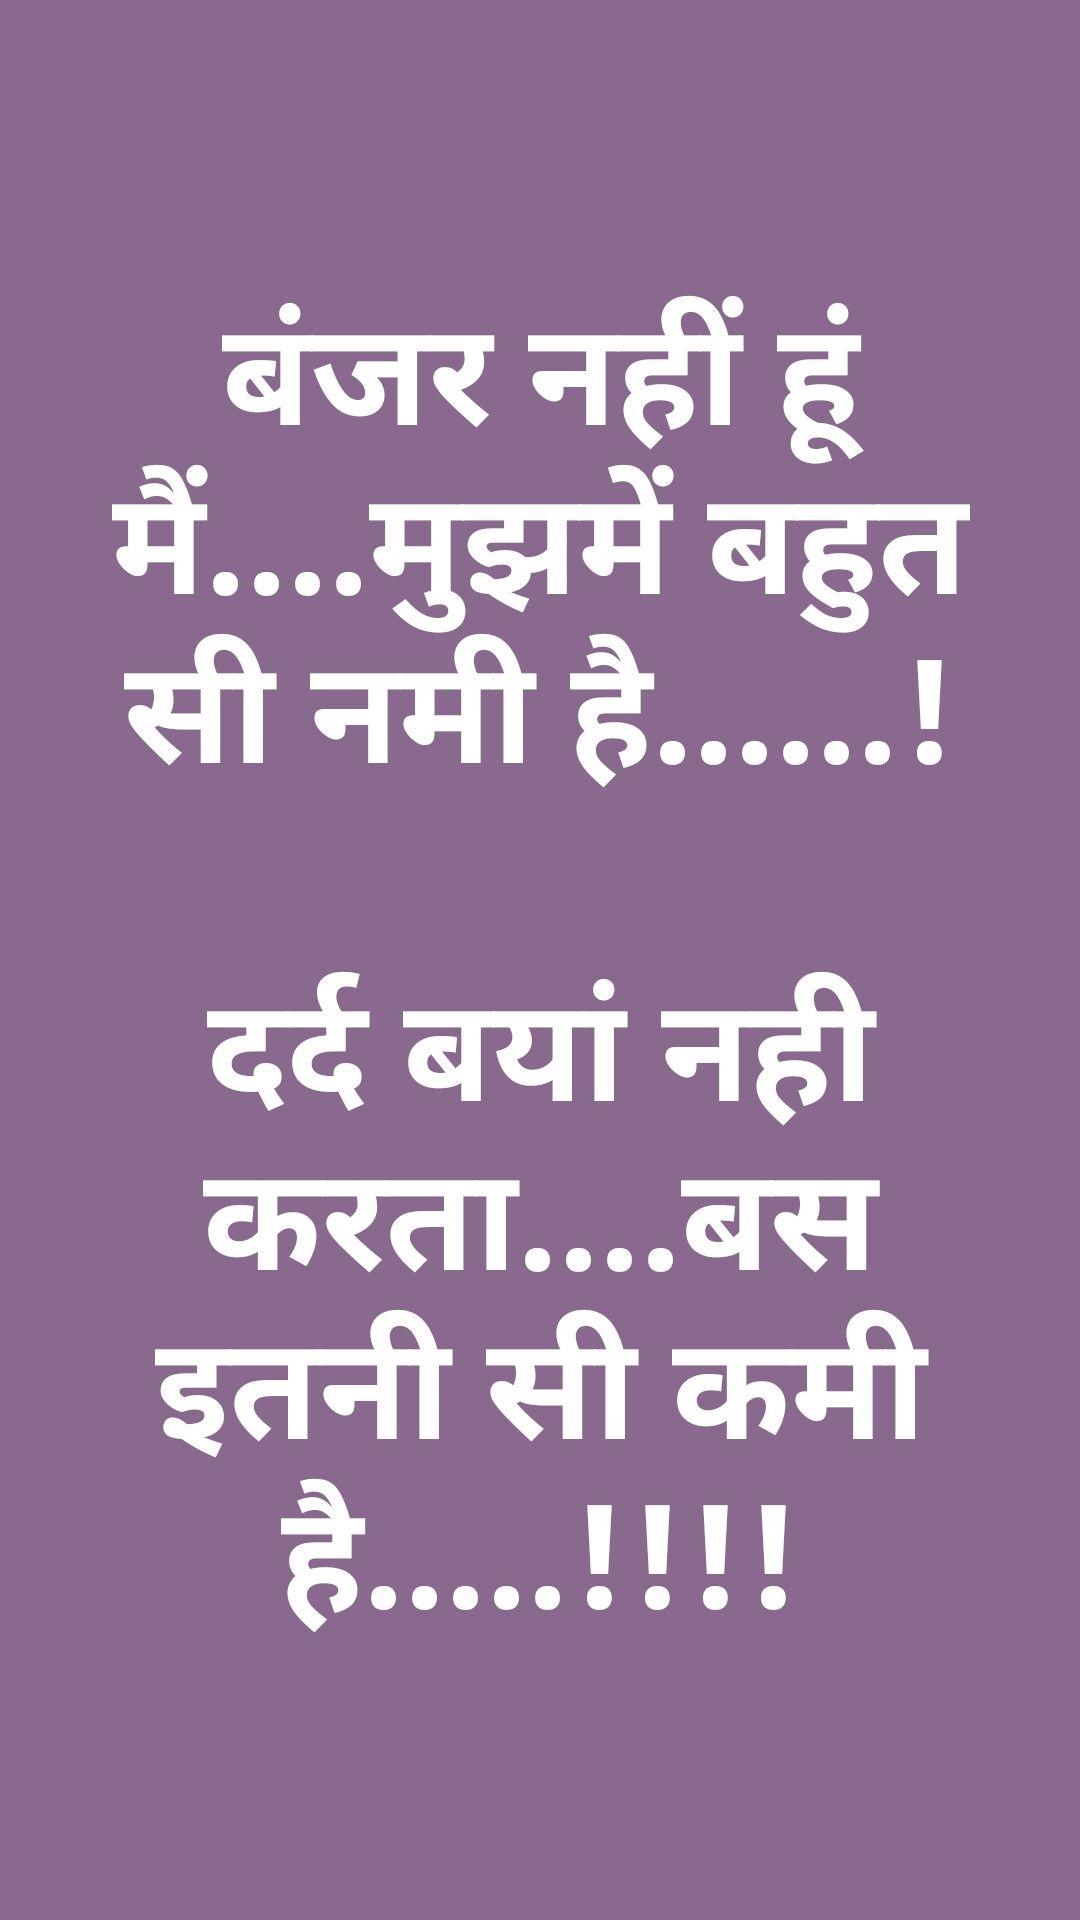 Pin By Jayesh On F E E L I N G S Emotional Quotes Zindagi Quotes Motivatinal Quotes